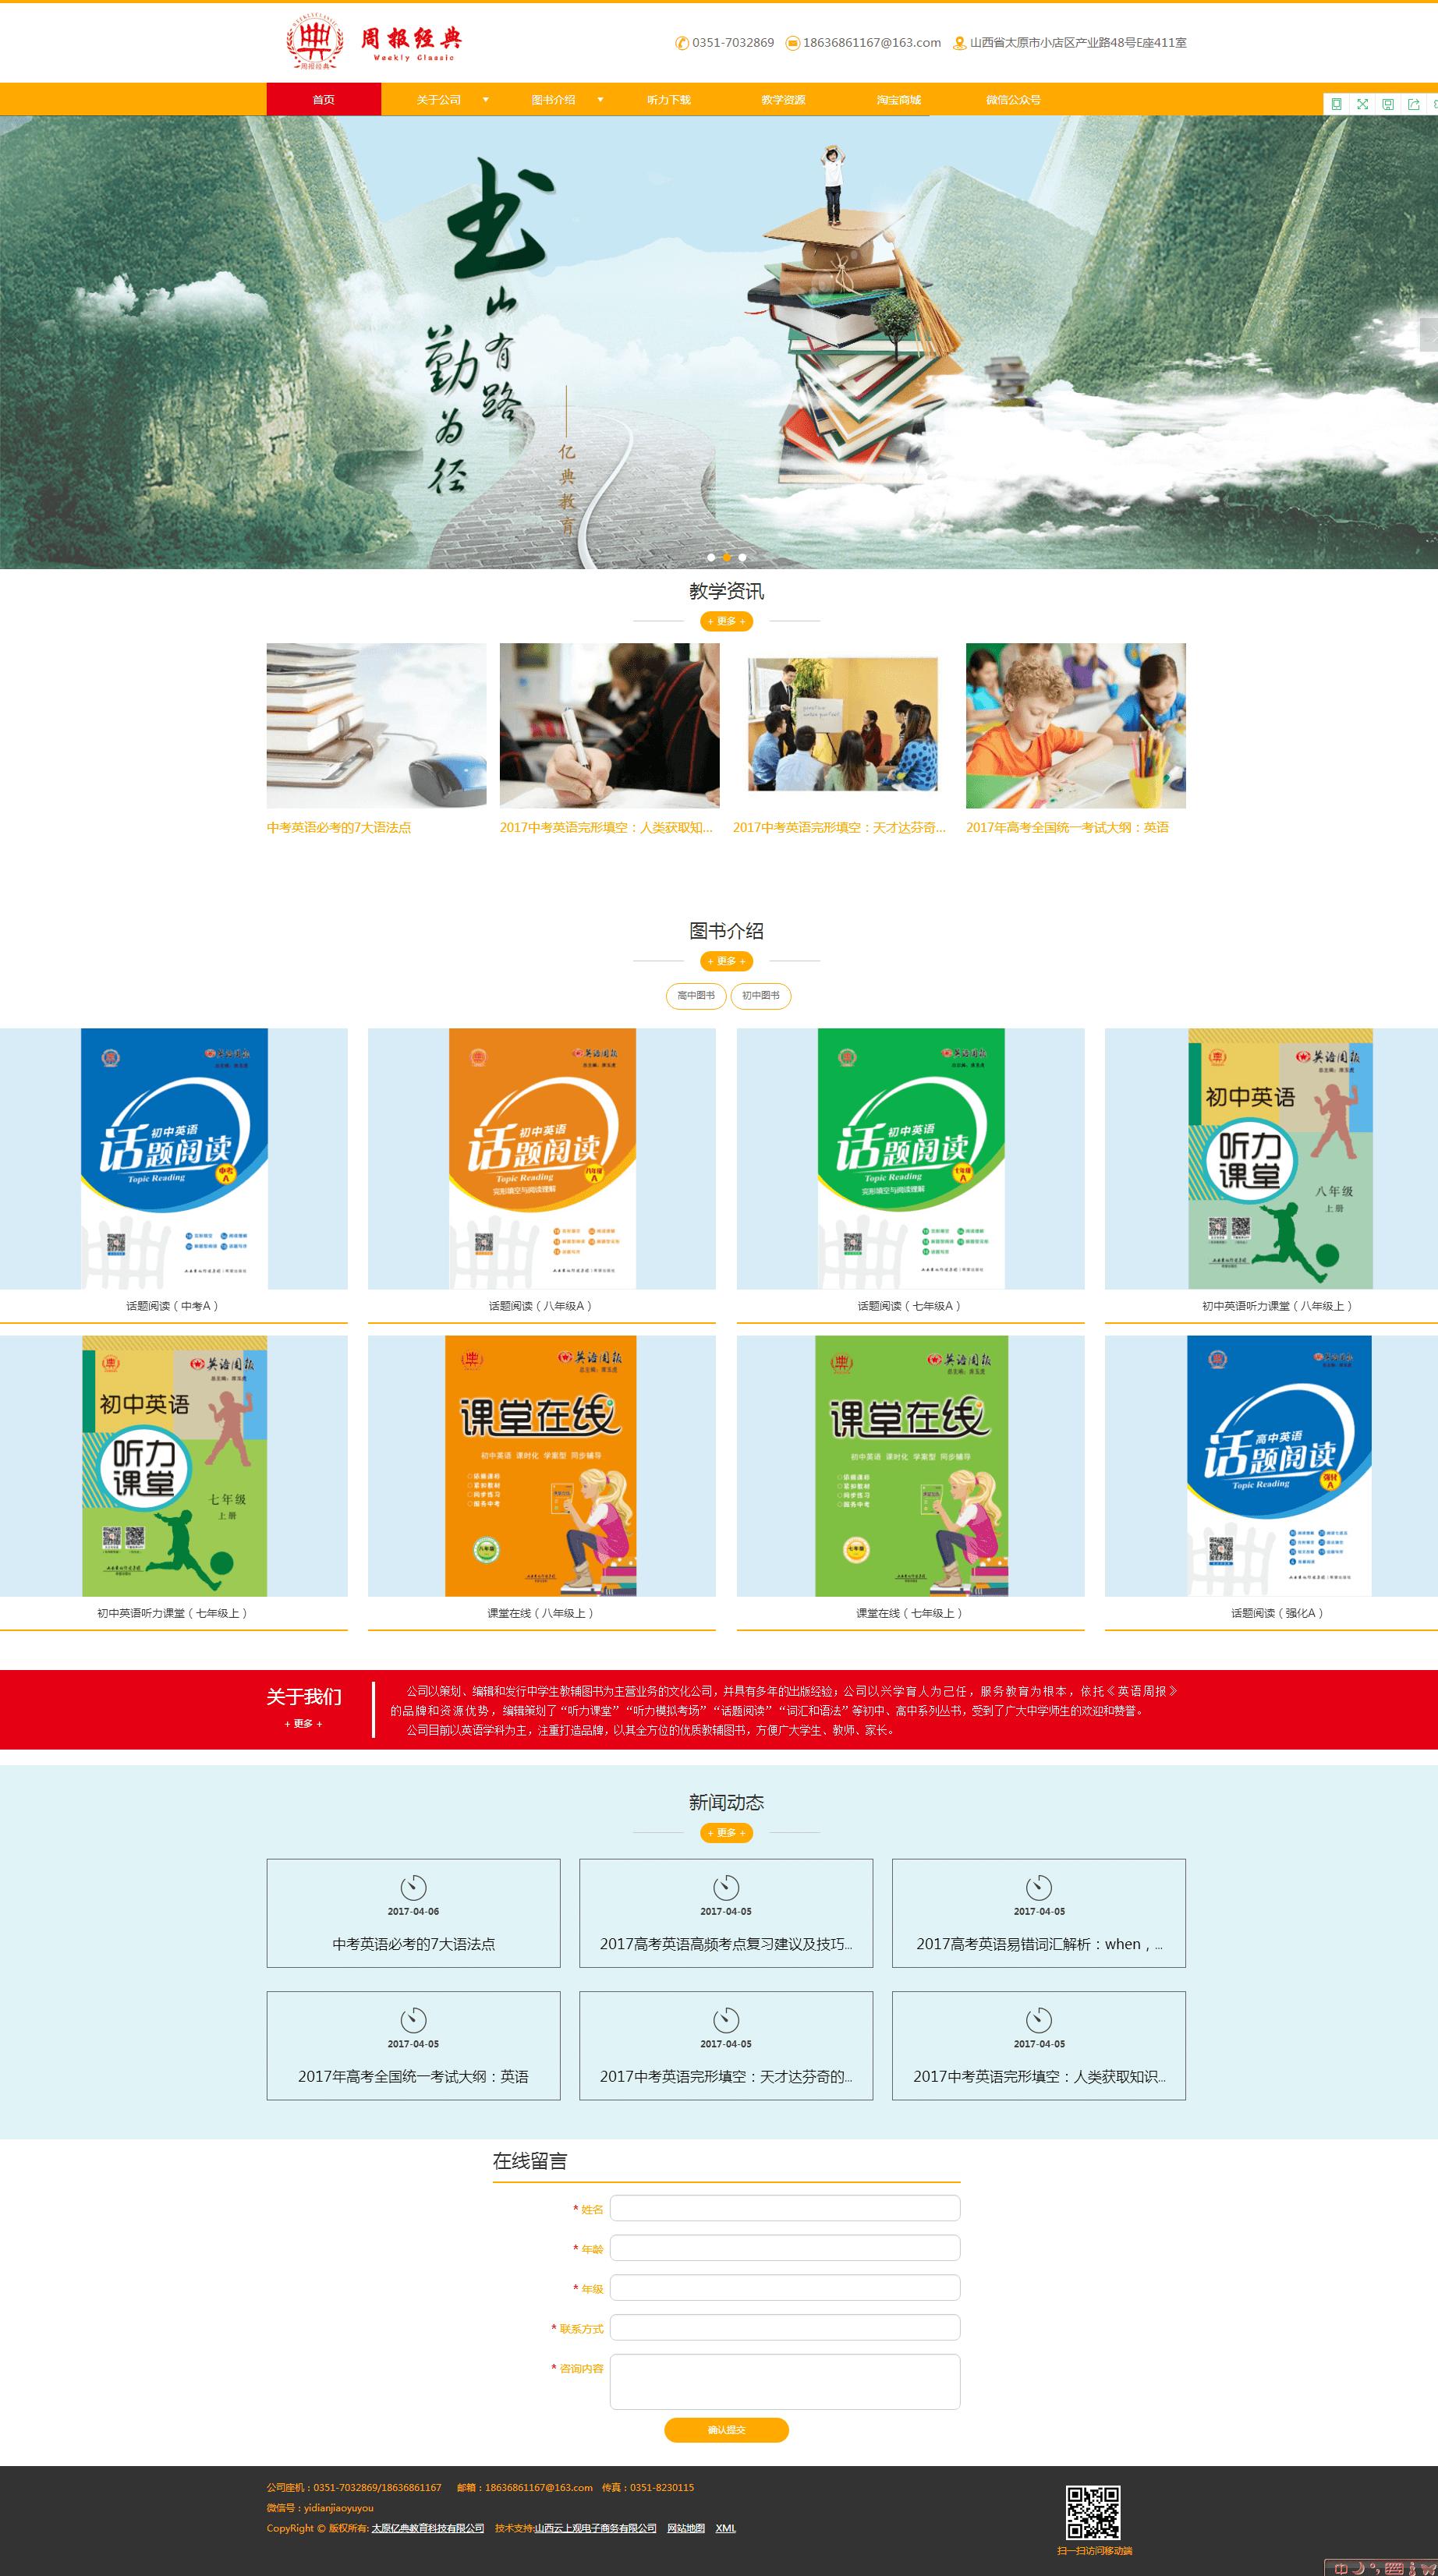 太原亿典教育科技有限公司 (1).png